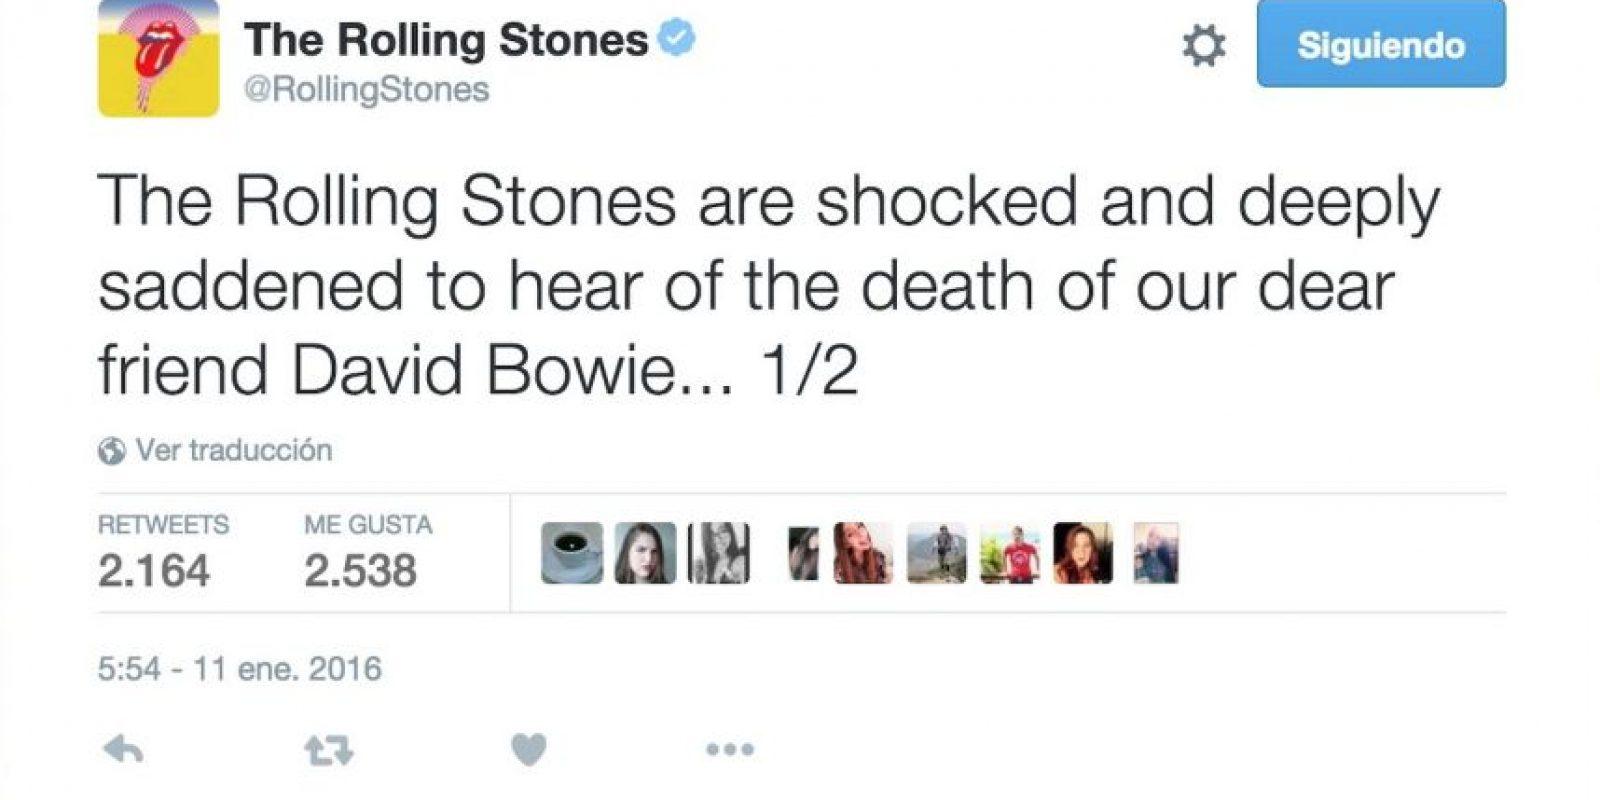 """The Rolling Stones: """"La banda está en shock y muy triste por la muerte de nuestro amigo David Bowie"""" (1/2) Foto:Twitter.com"""